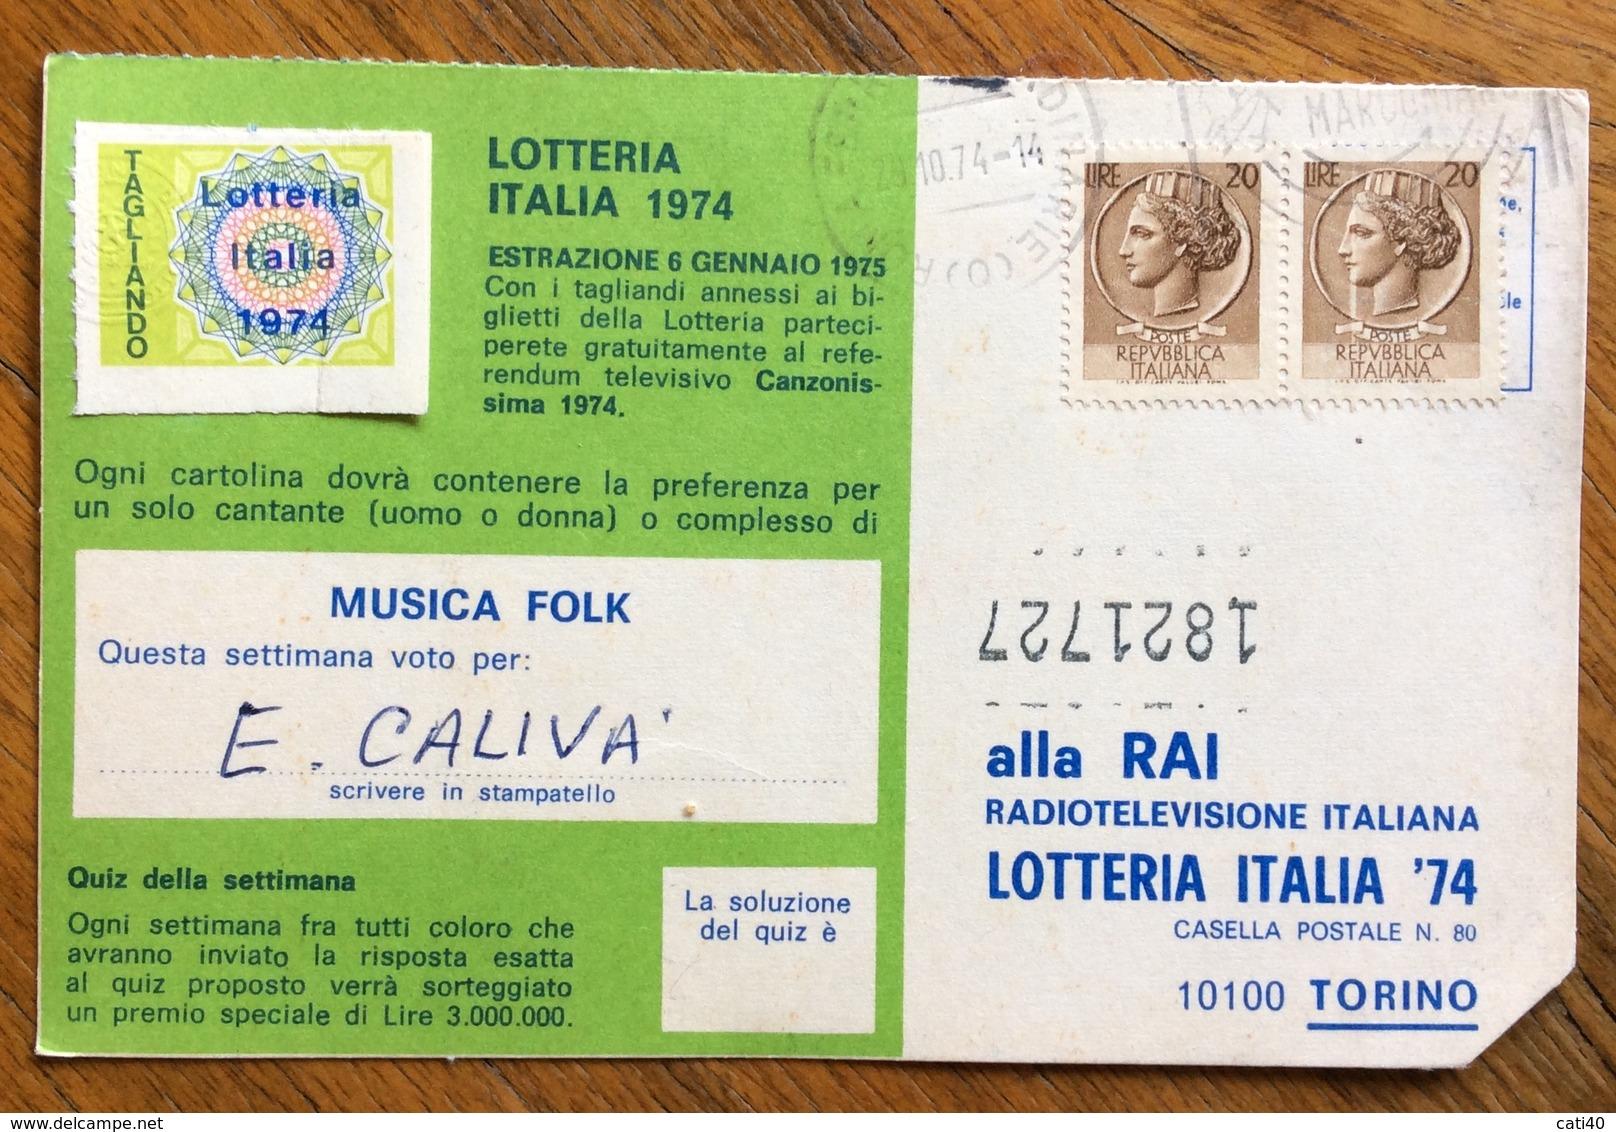 LOTTERIA ITALIA  CARTOLINA PUBBLICITARIA SORRISI E CANZONI  CANZONISSIMA - Pubblicitari